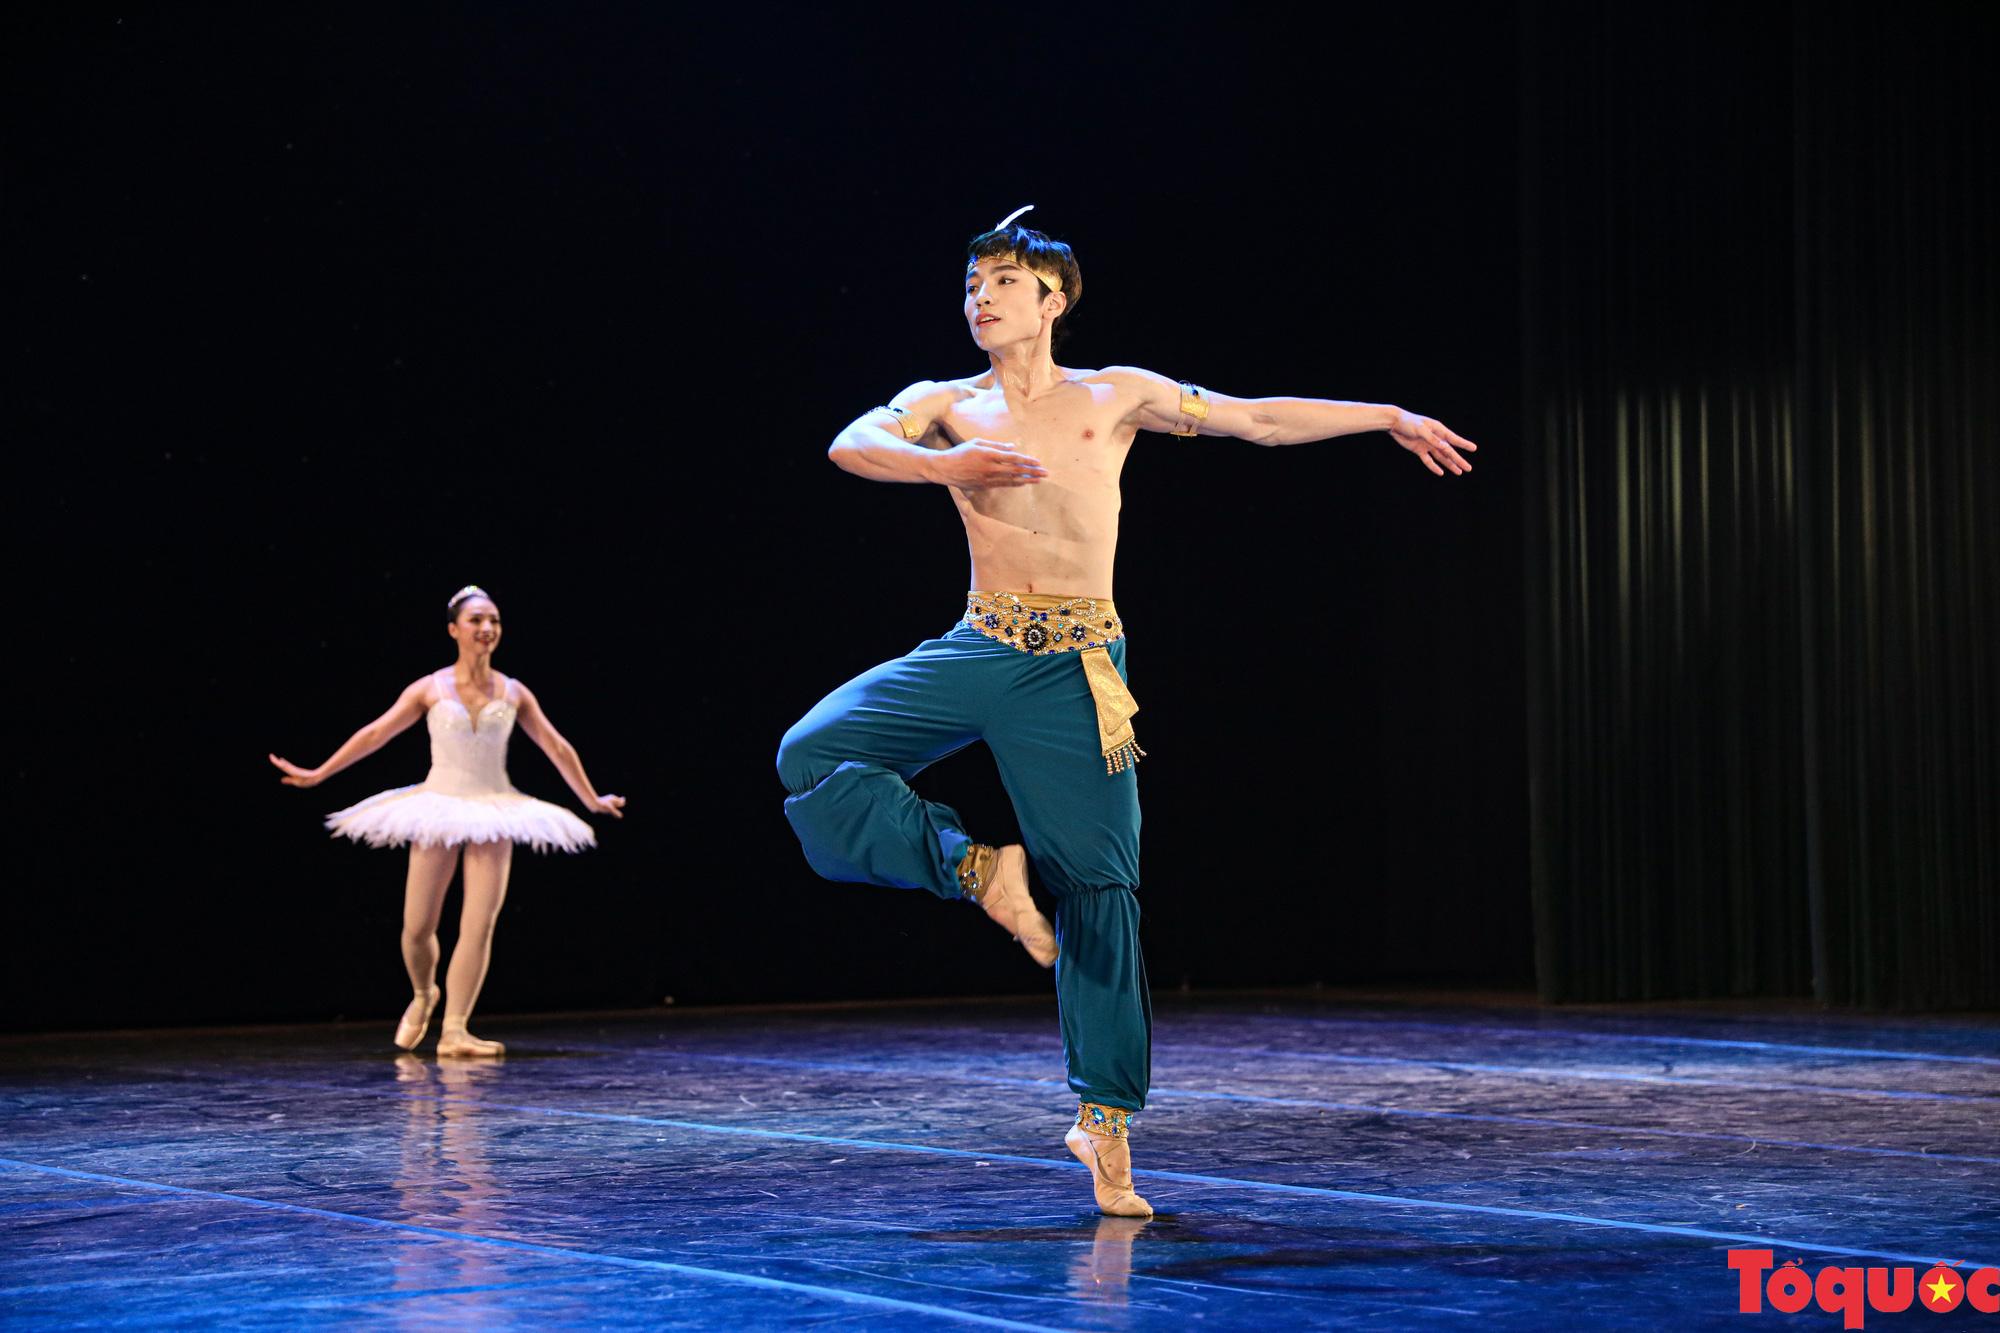 Nhiều bài thi ấn tượng trong đêm khai mạc cuộc thi Tài năng diễn viên múa 2020 khu vực phía Bắc - Ảnh 6.